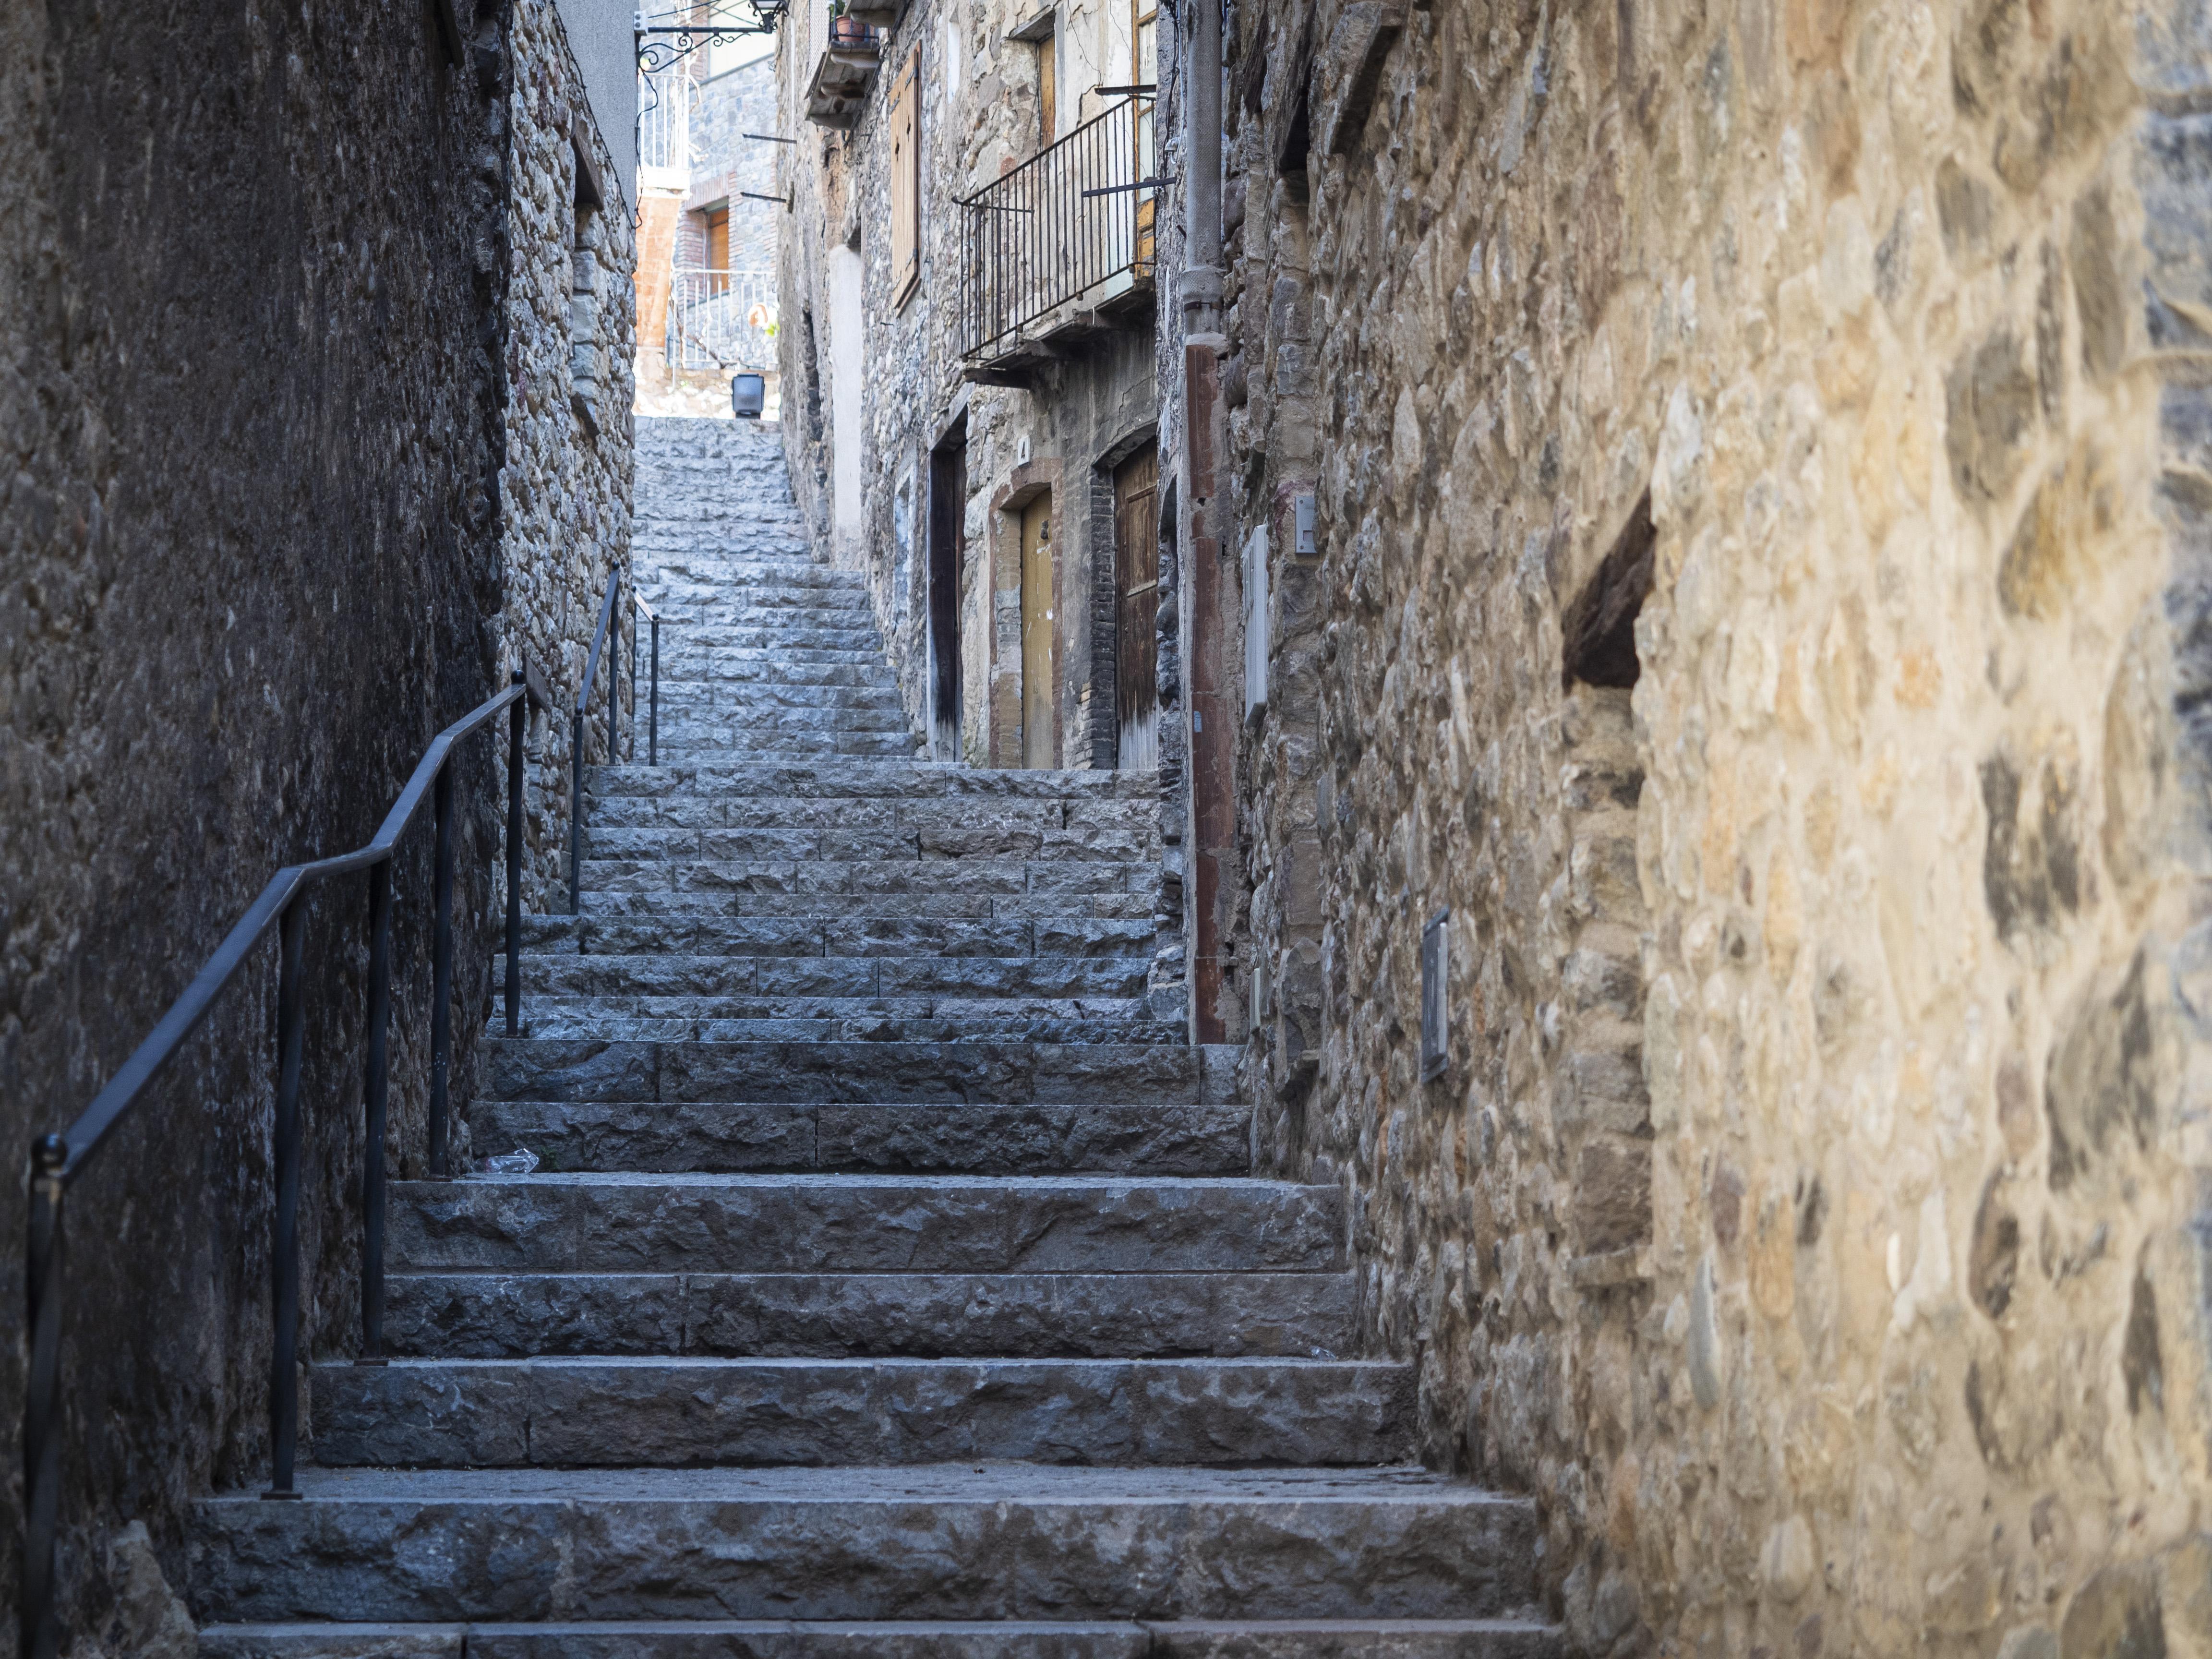 Bagà, una vila medieval 1. FOTO: Anna E. Puig